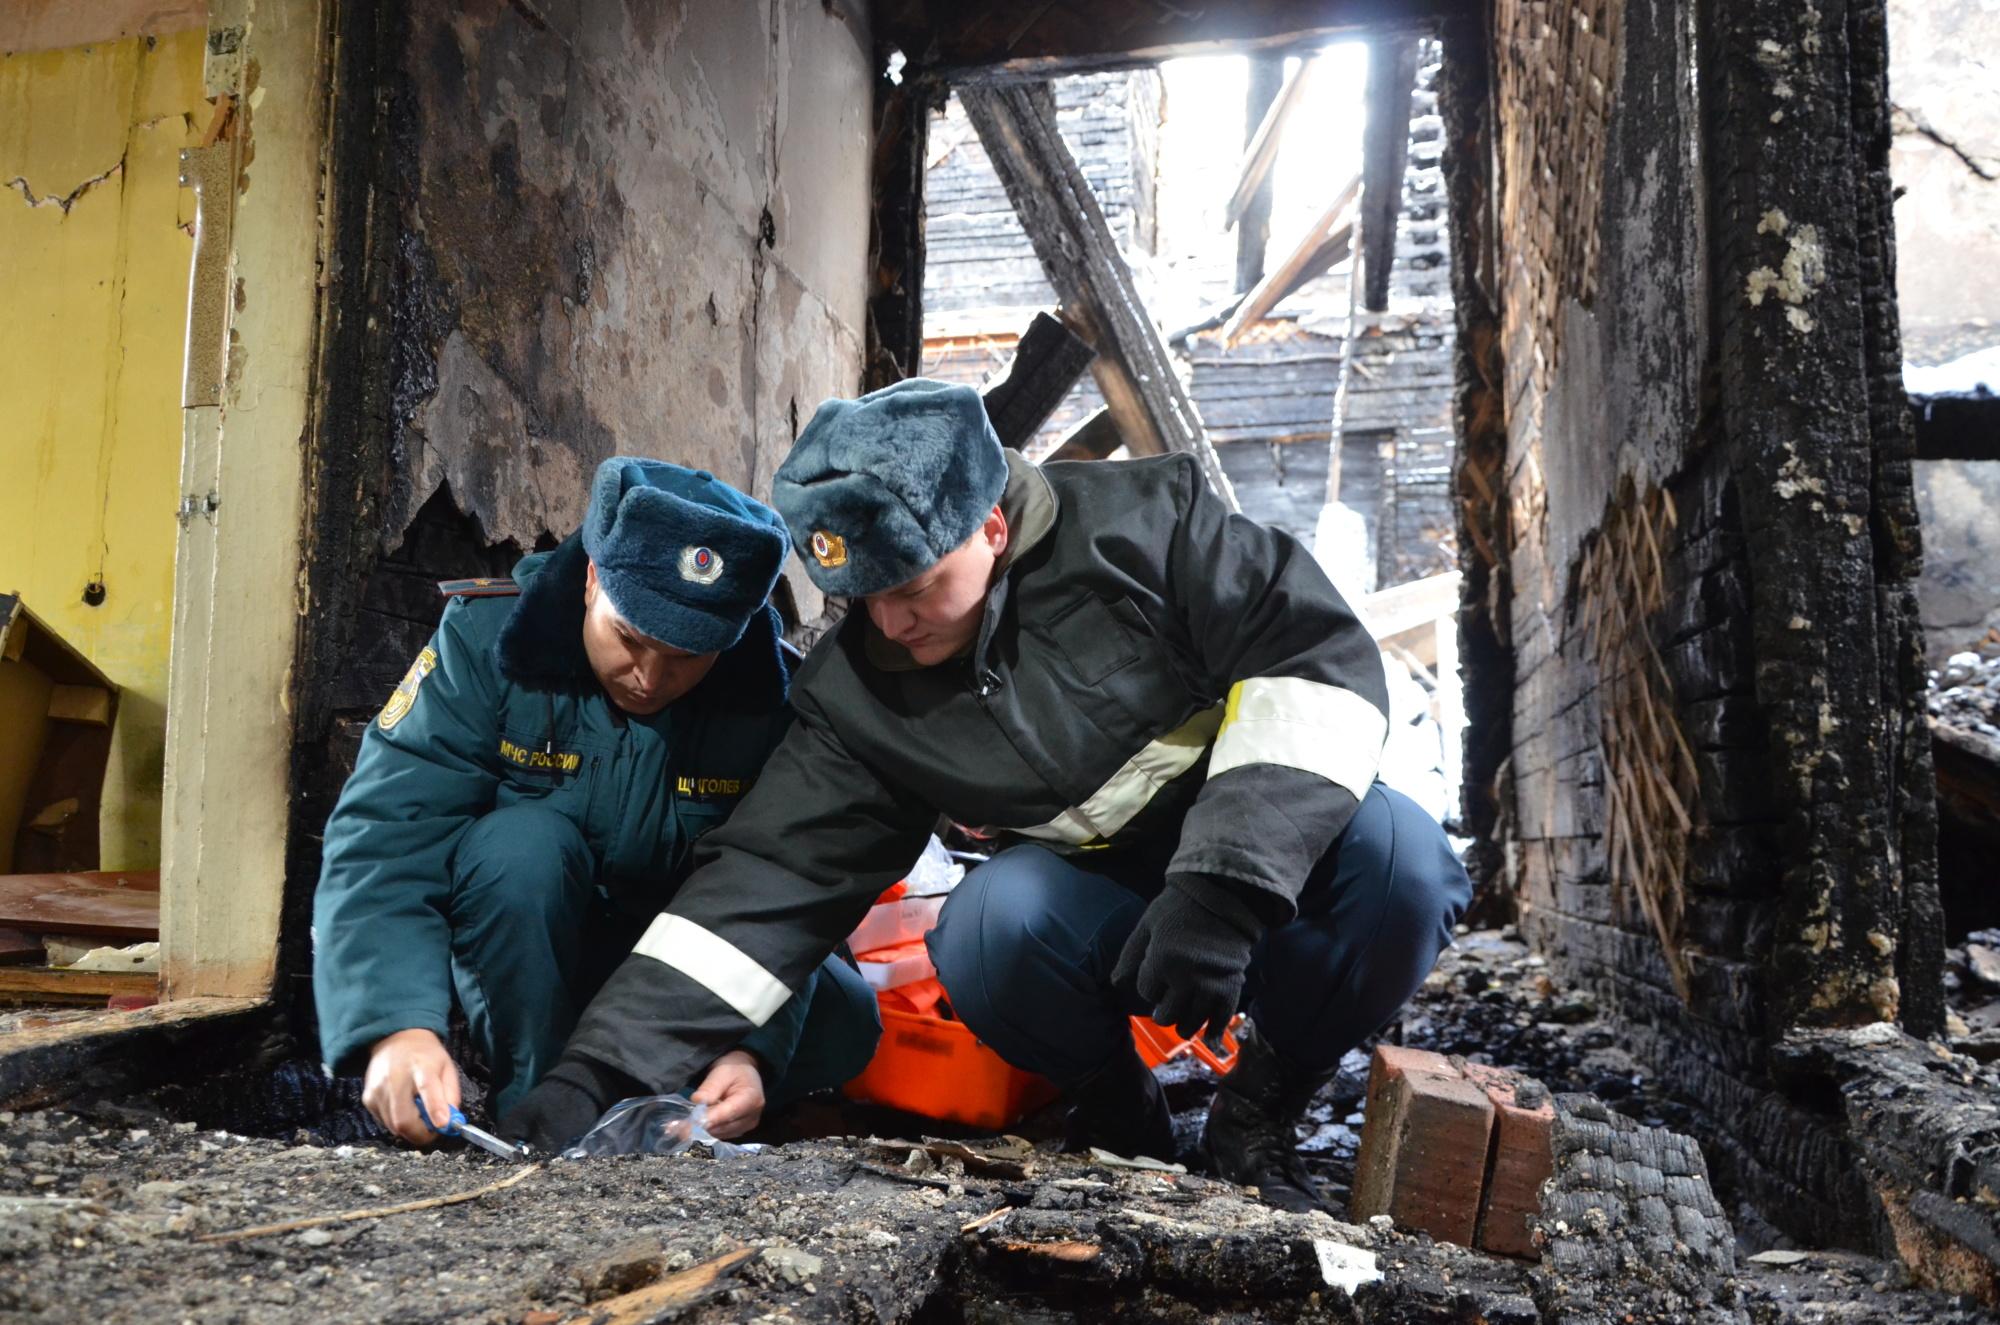 Пожарная экспертиза может назначаться для определения причин возгорания, оценки причиненного ущерба.